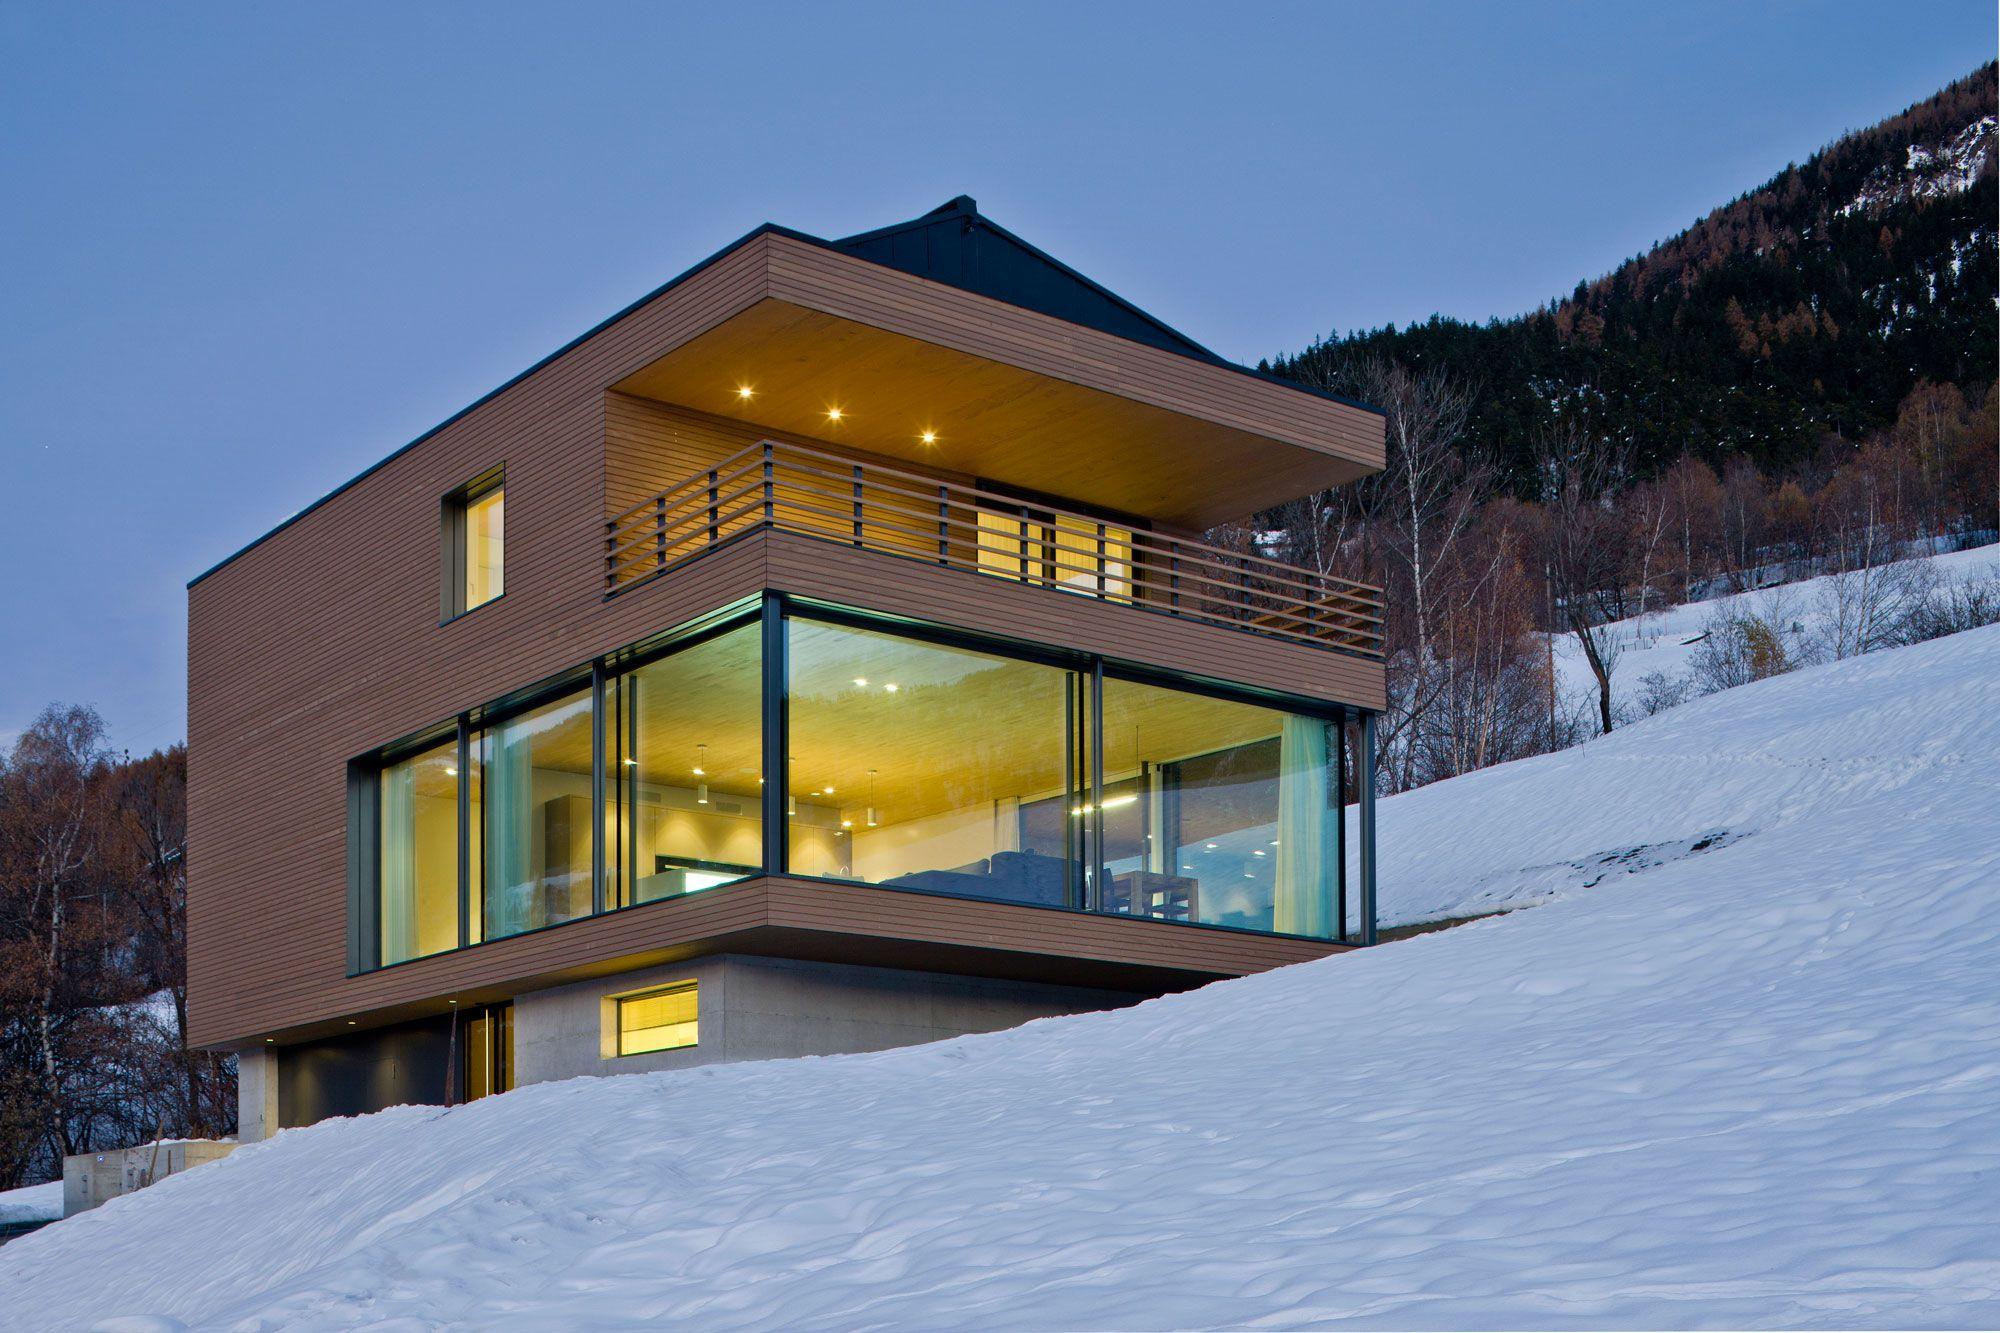 современные дома на склонах фото вызывали скорую рано